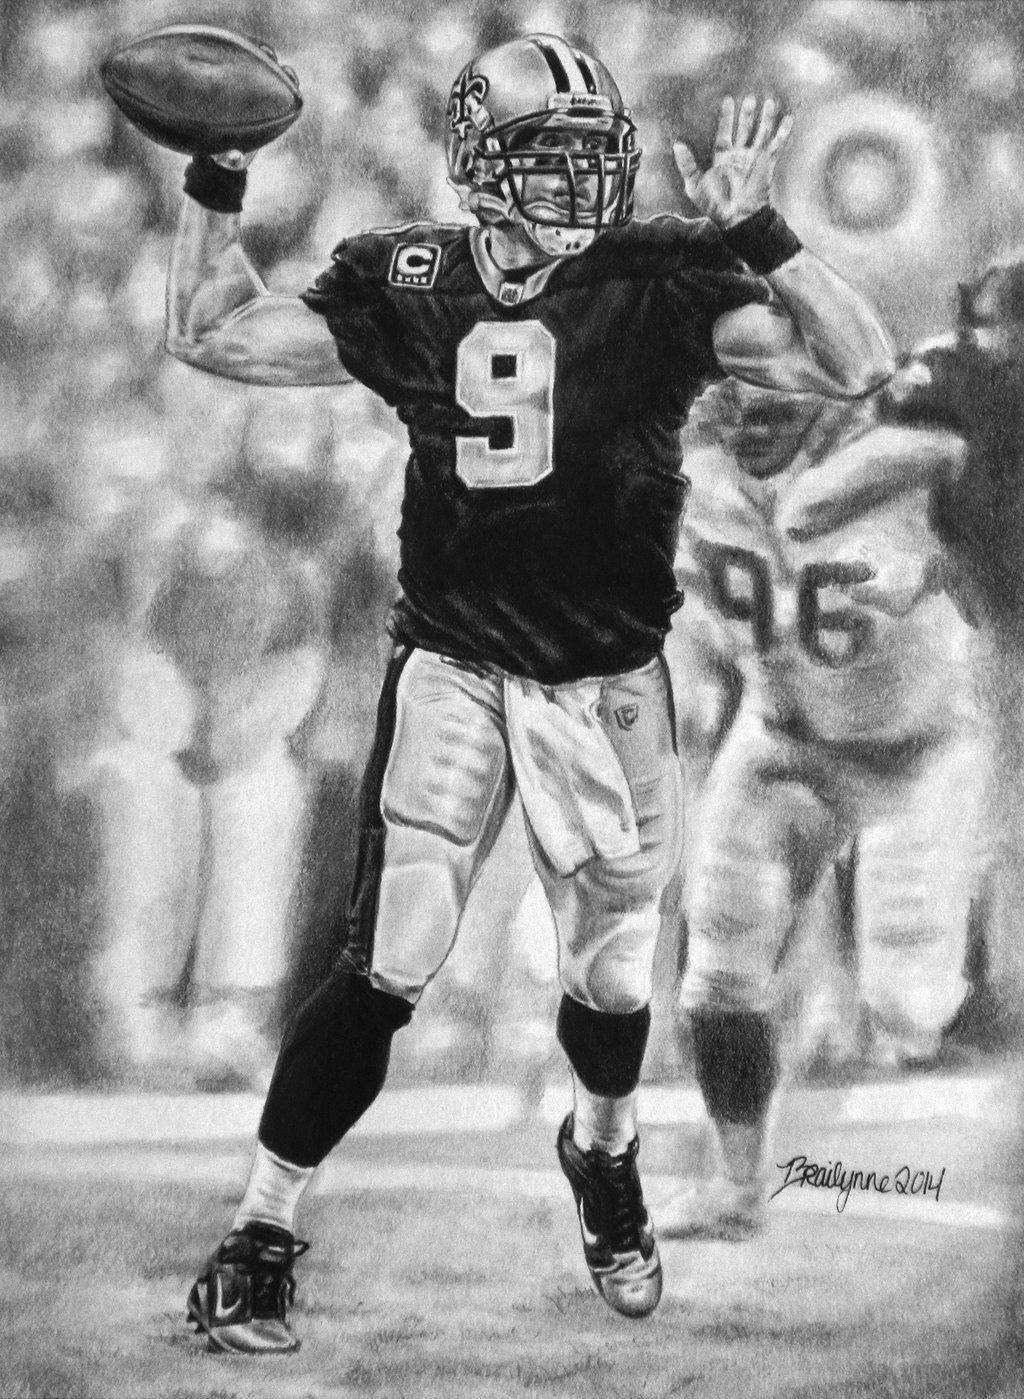 Graphite portrait of Drew Brees, QB for the New Orleans Saints ...